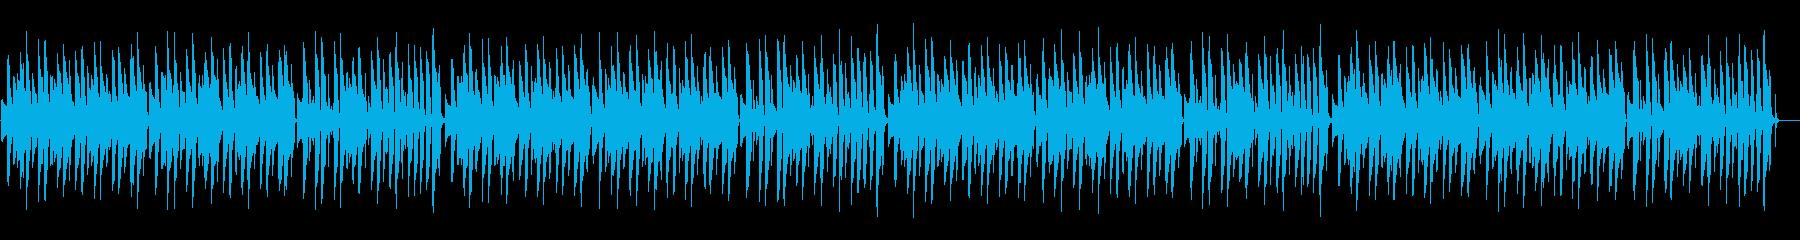 ほのぼの脱力系「おめでとうクリスマス」の再生済みの波形